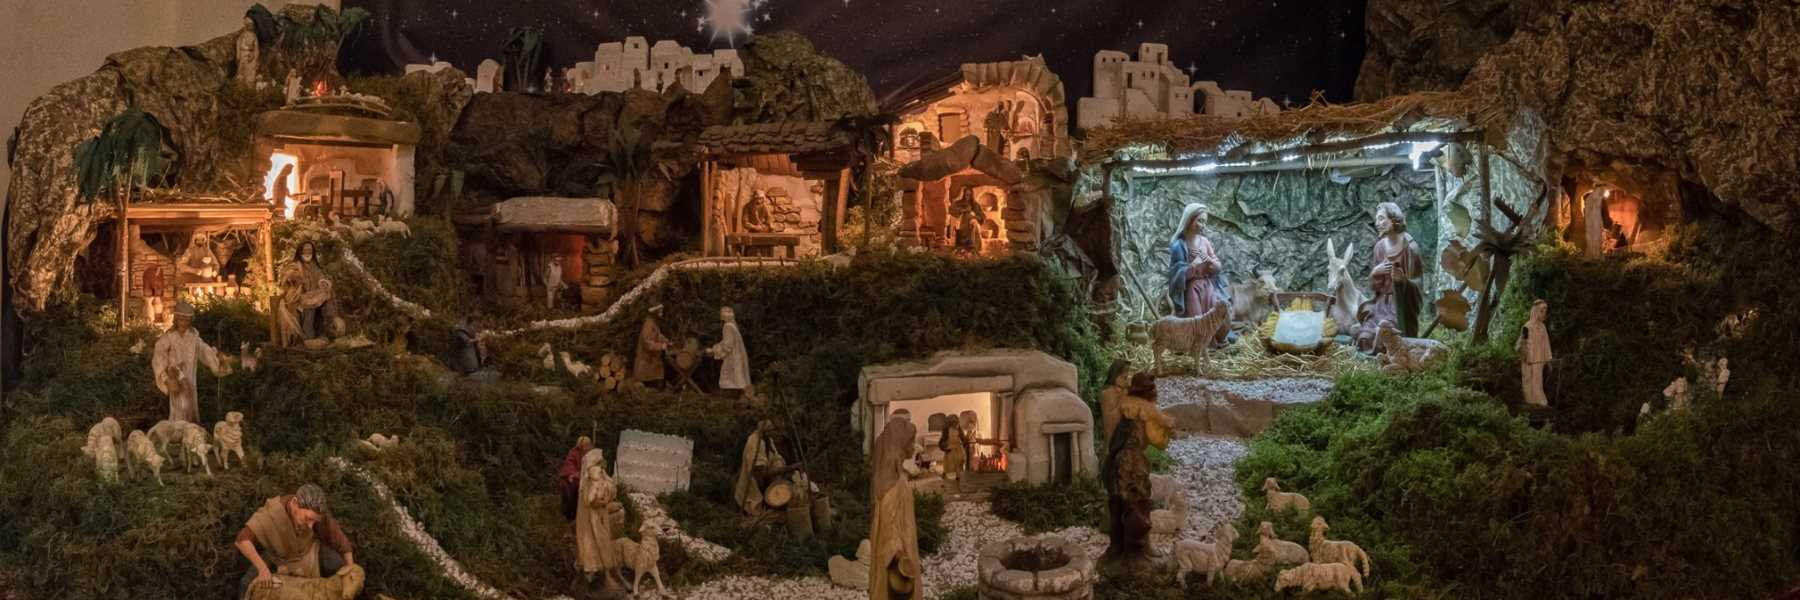 Presepe animato nella Cattedrale di Cervia